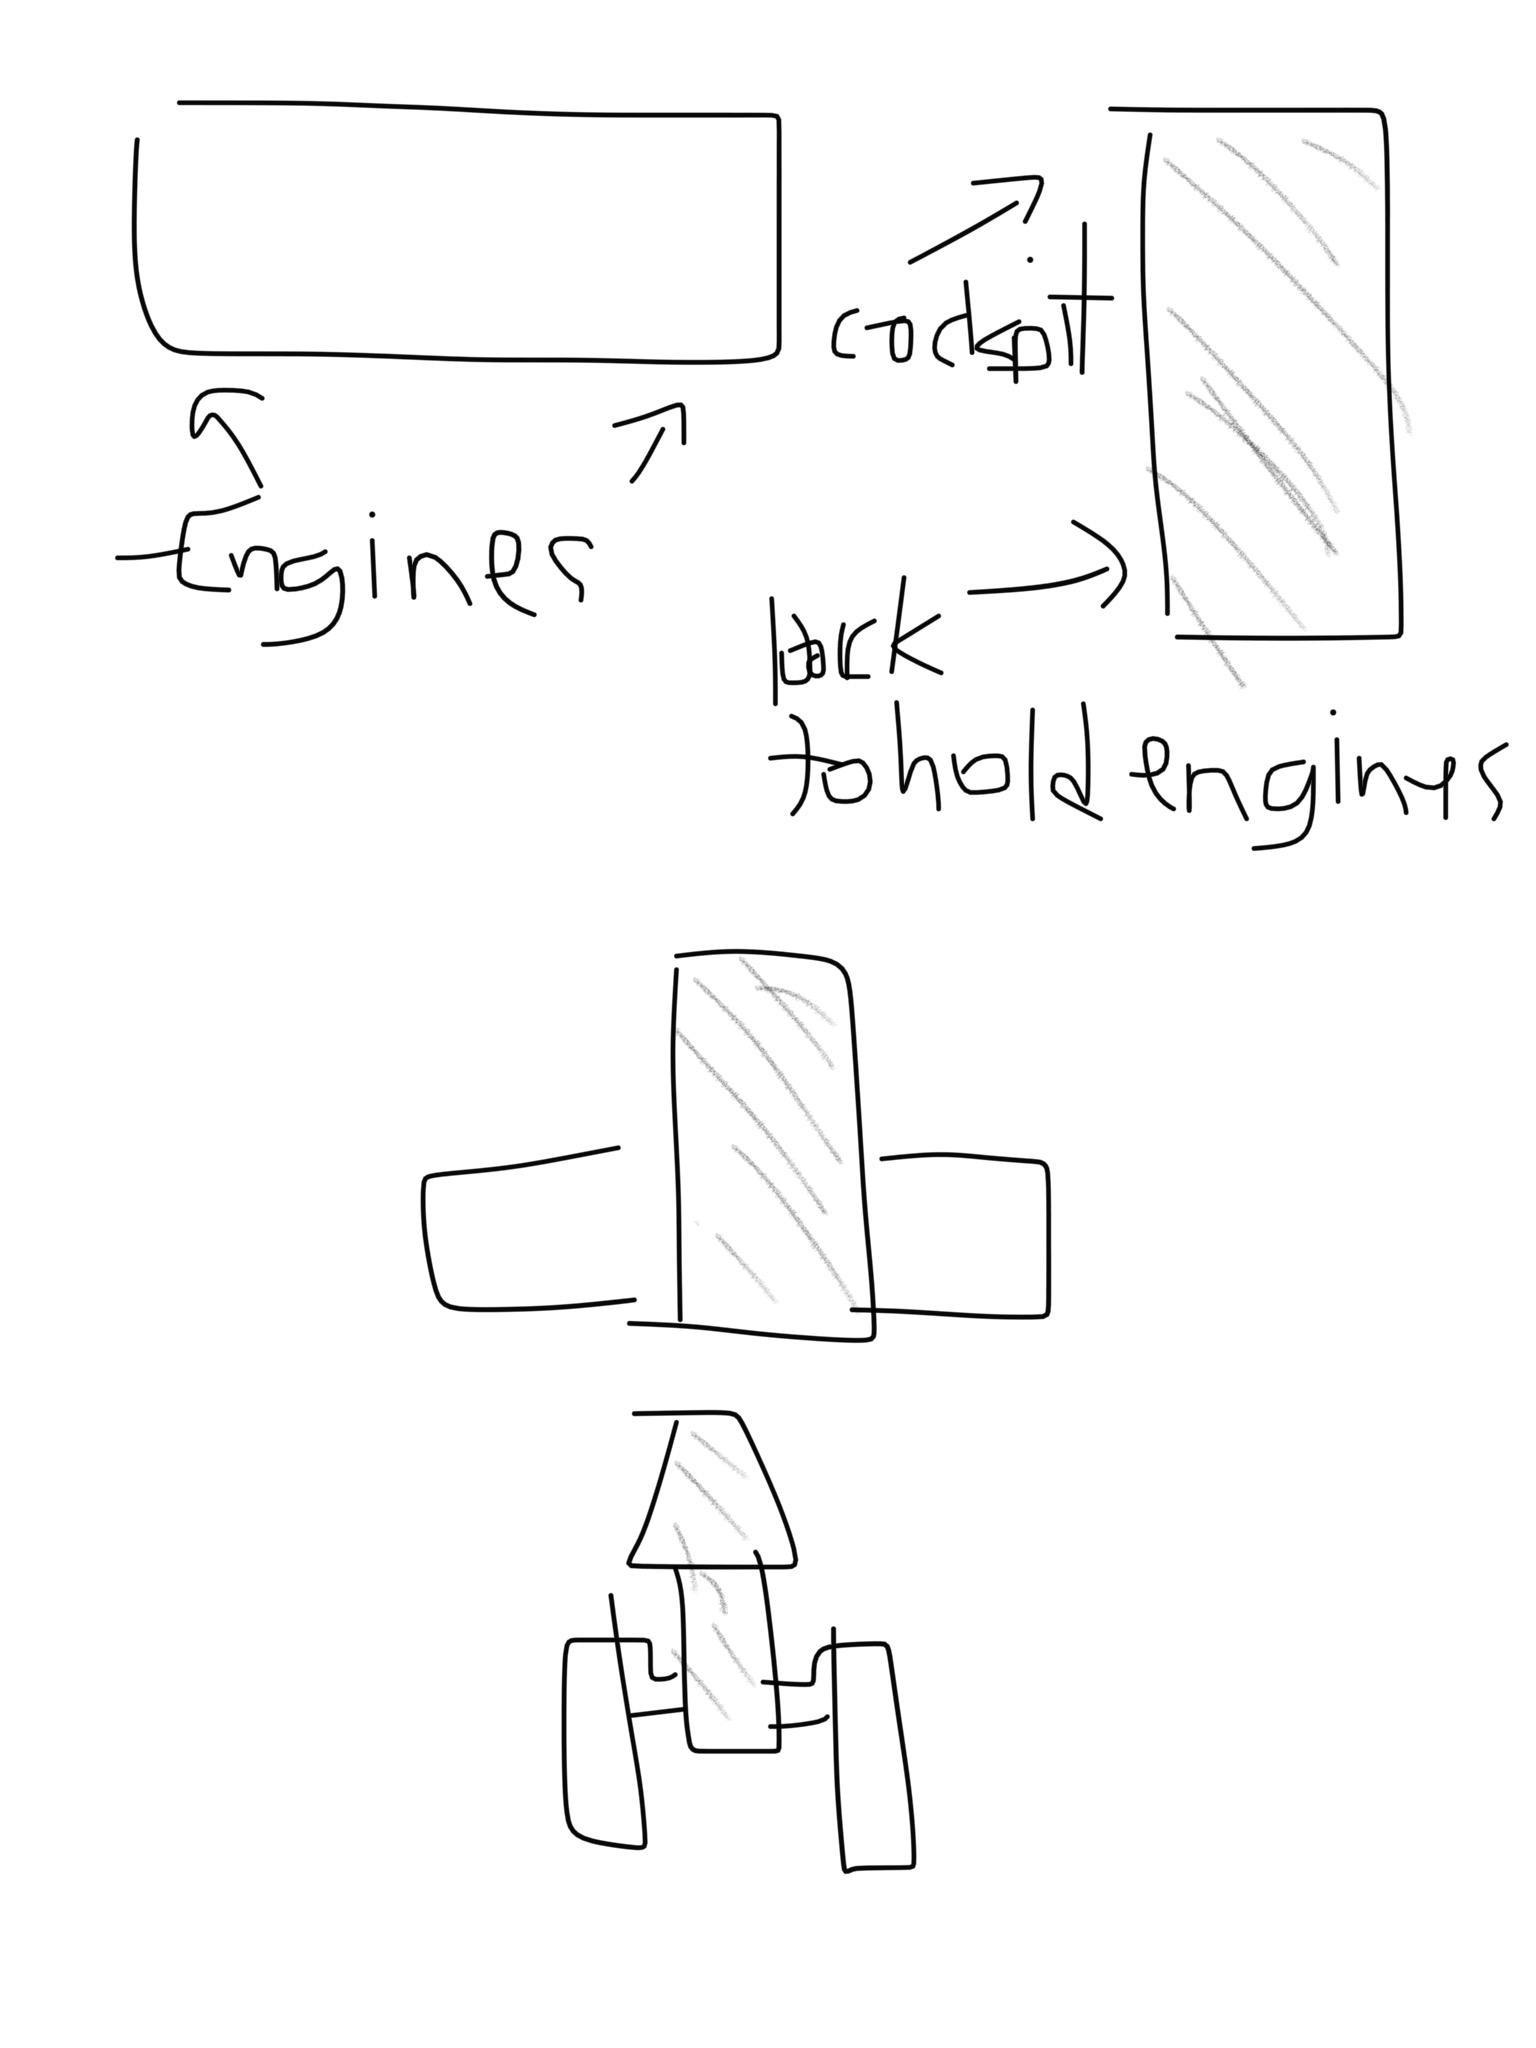 Y-Wing model concept sketch